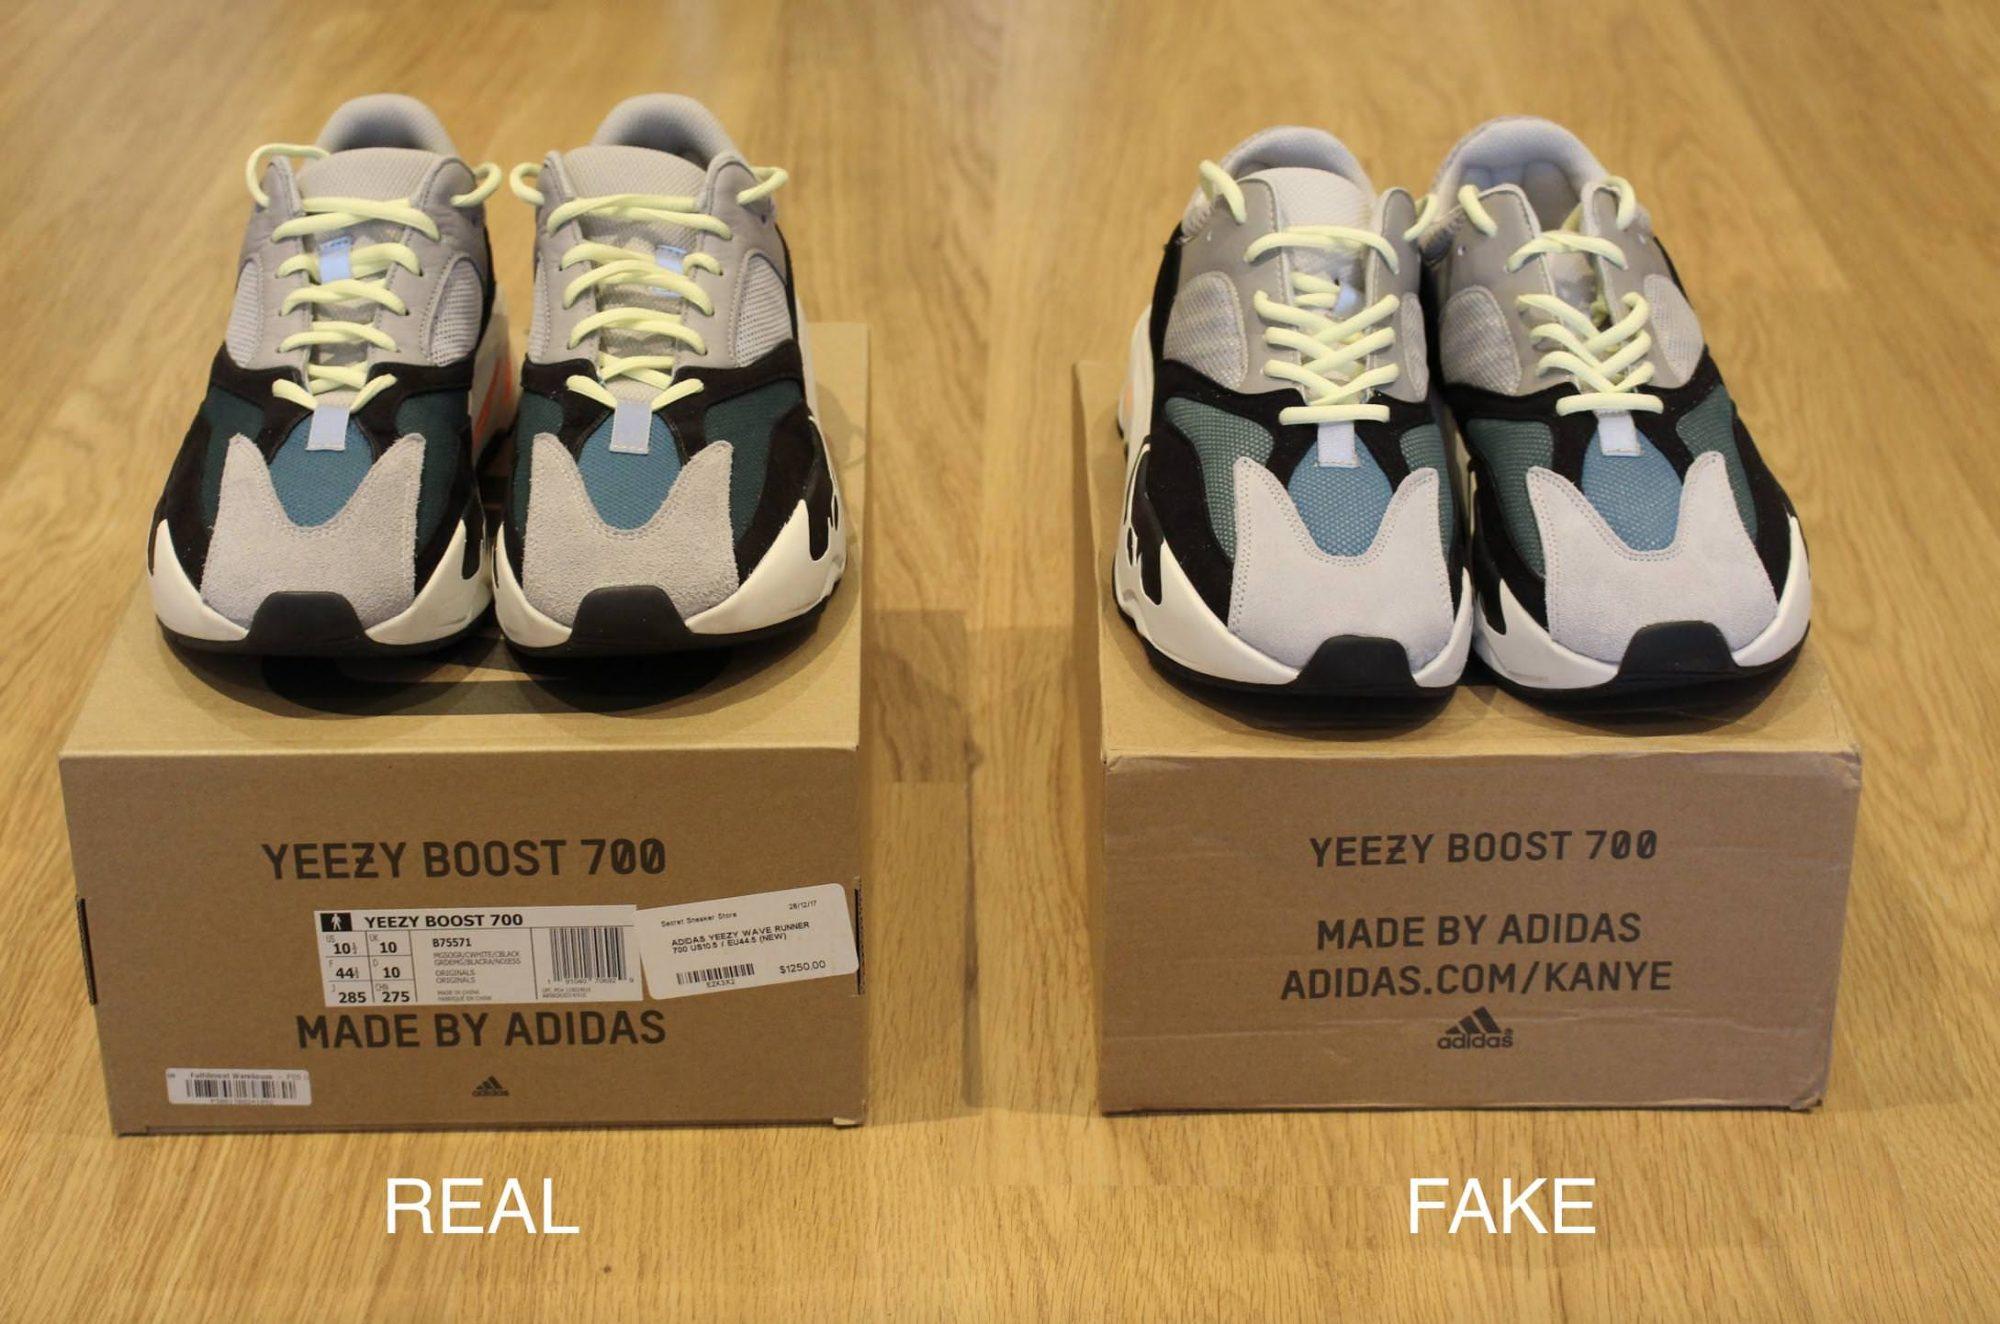 Отличия коробки поддельных кроссовок